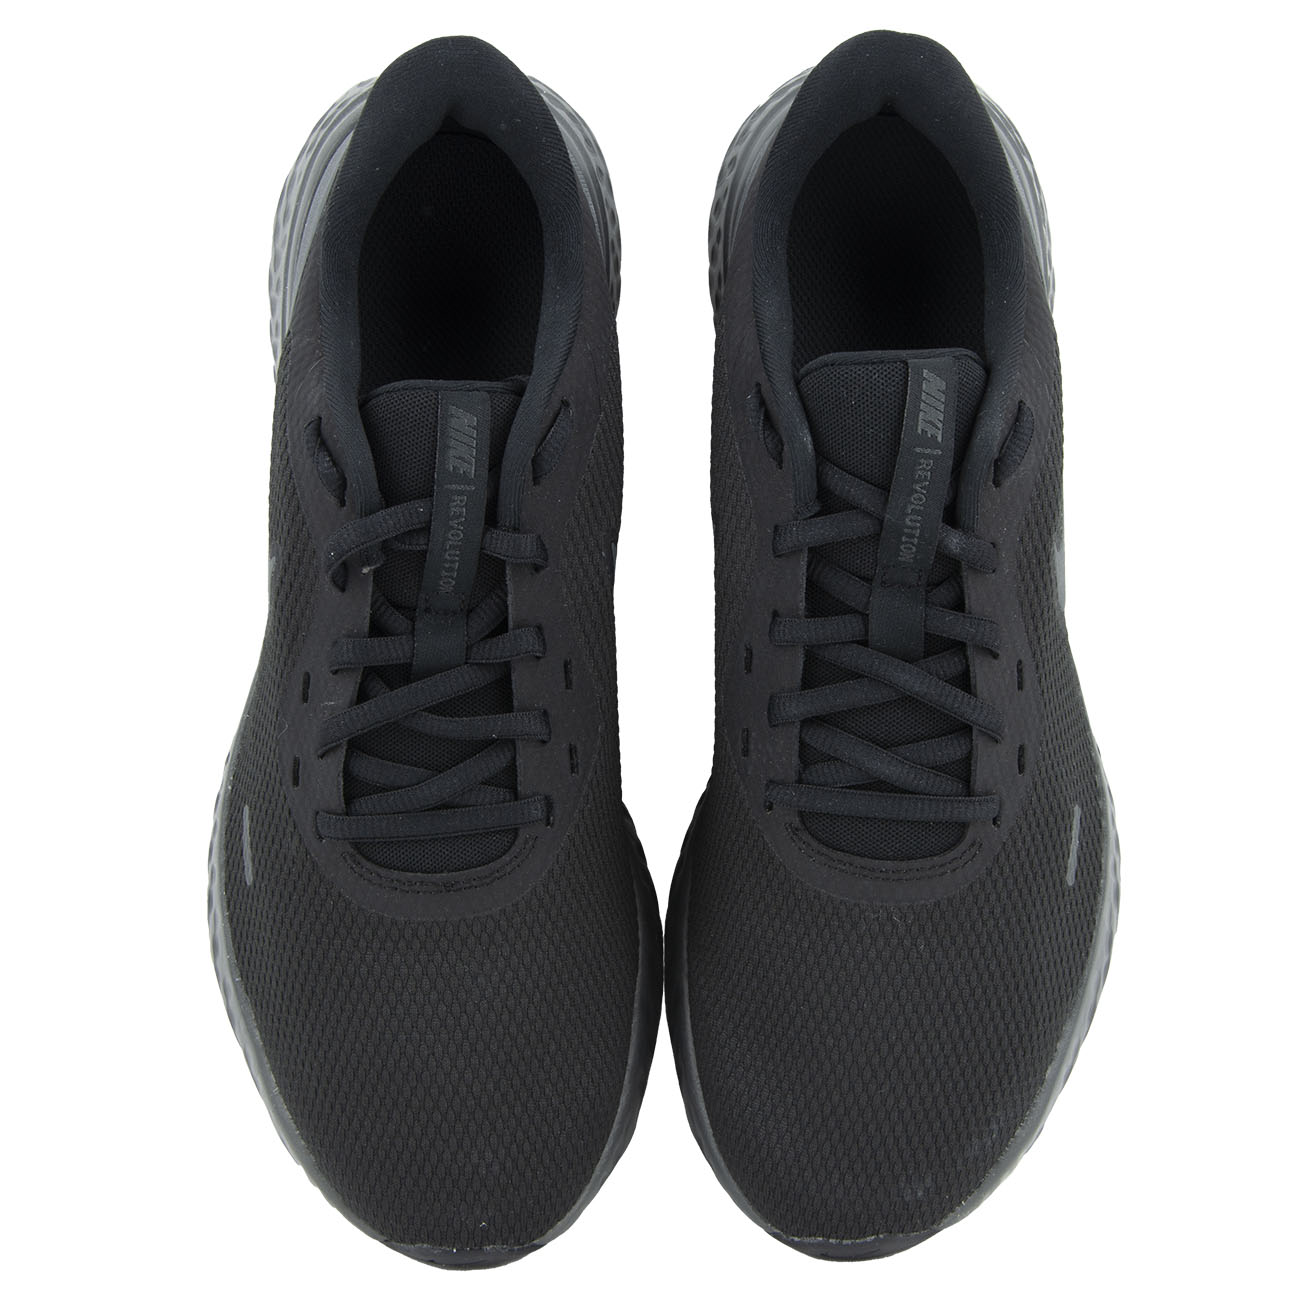 Ανδριικό αθλητικό μαύρο Nike Revolution 5 ΒQ3204 001